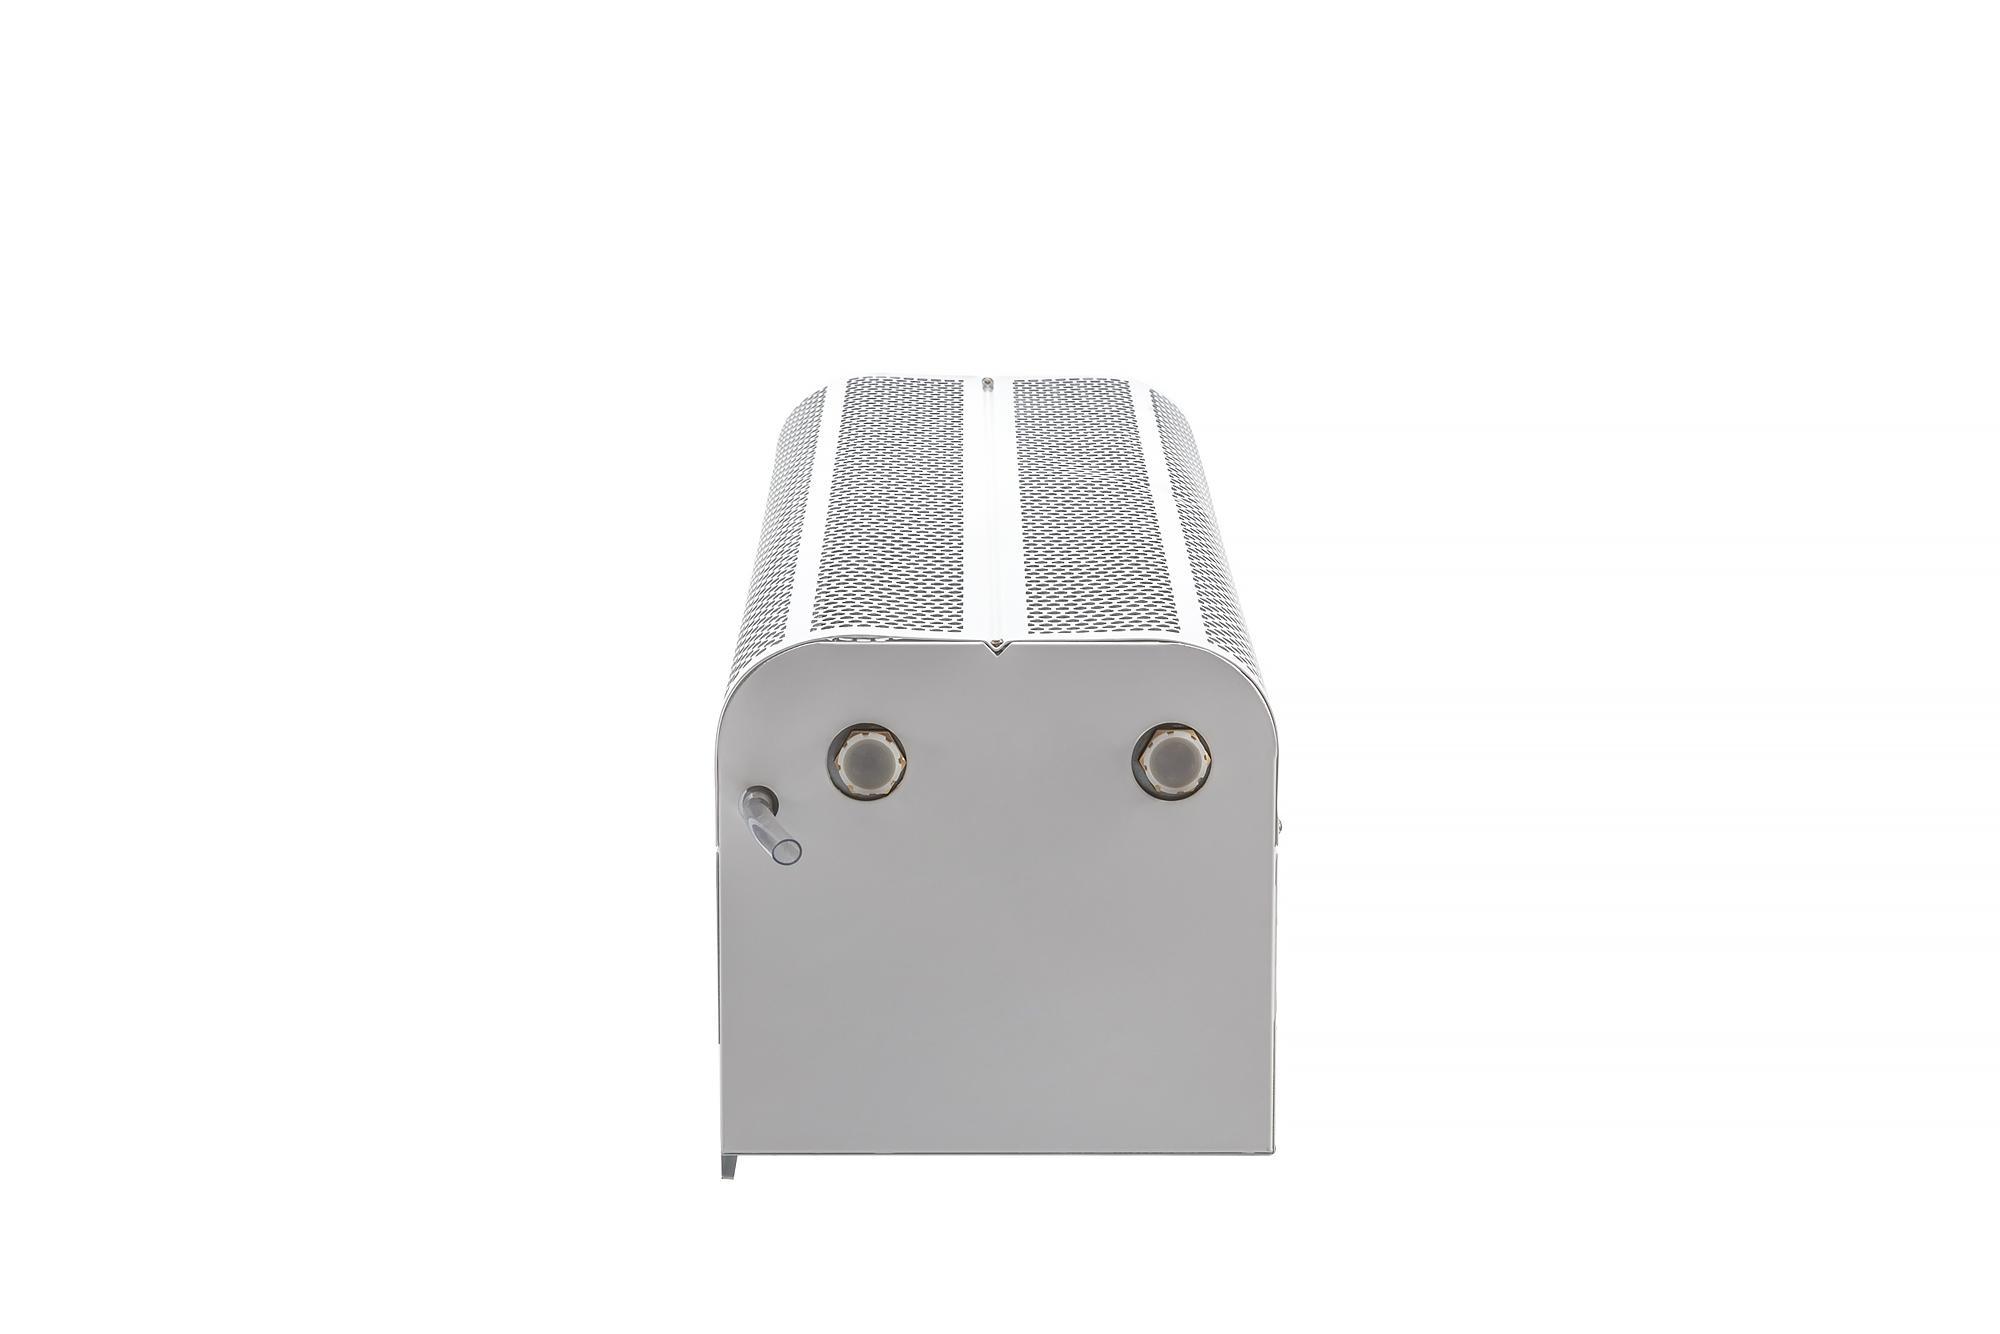 西奥多风幕机RM-3509-S水暖风冷热 3